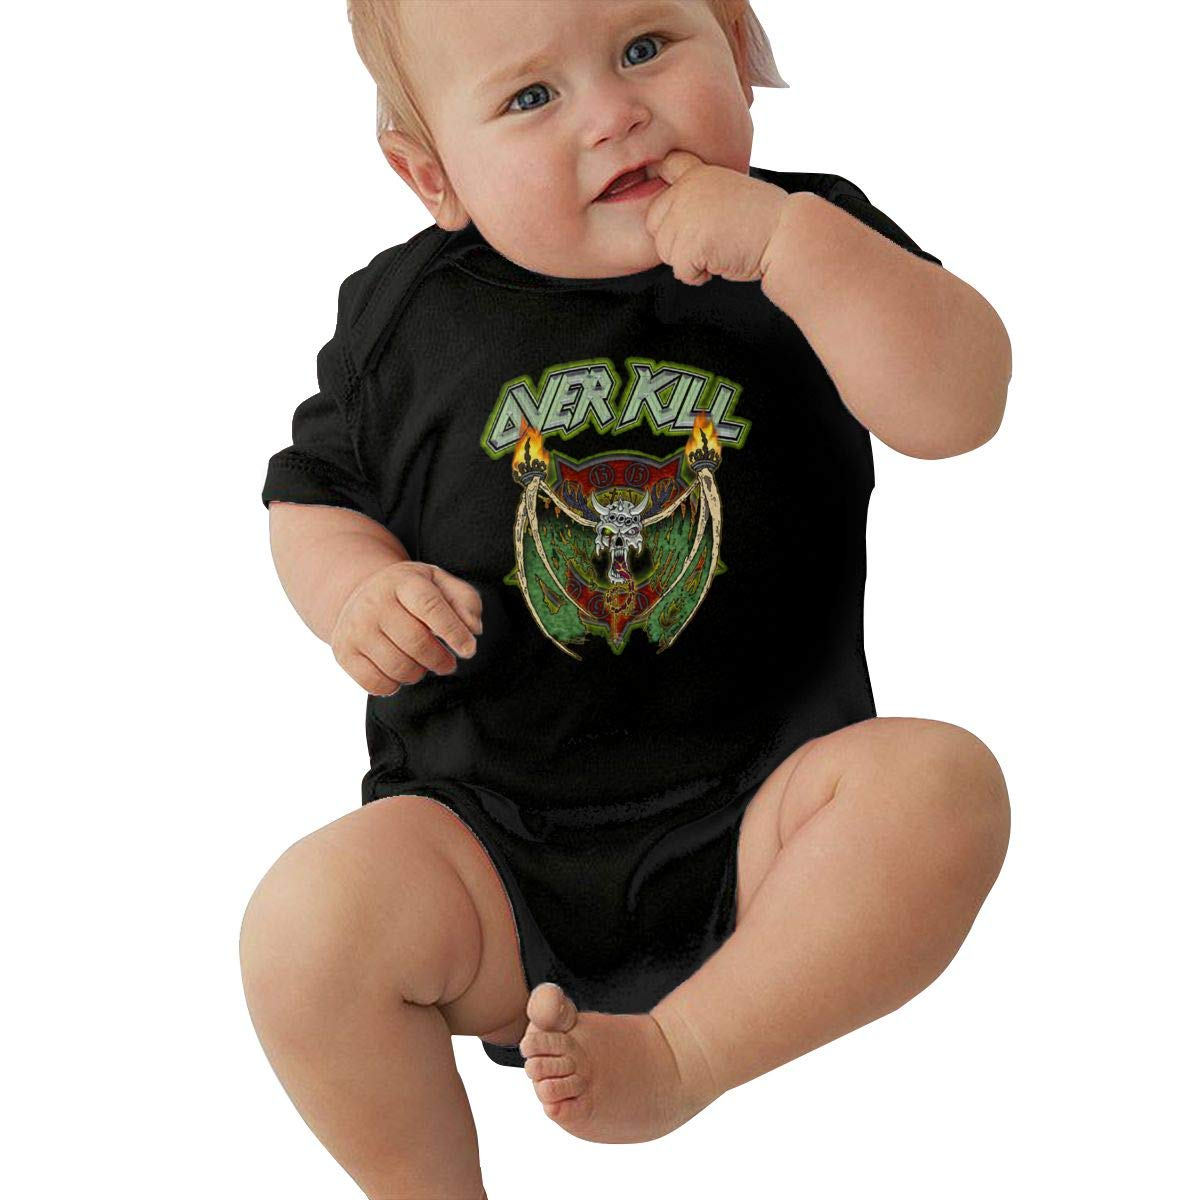 Joseph E Hinton Overkill Unisex Cute Infant Bodysuit Baby Romper Shirt for 0-24 Months